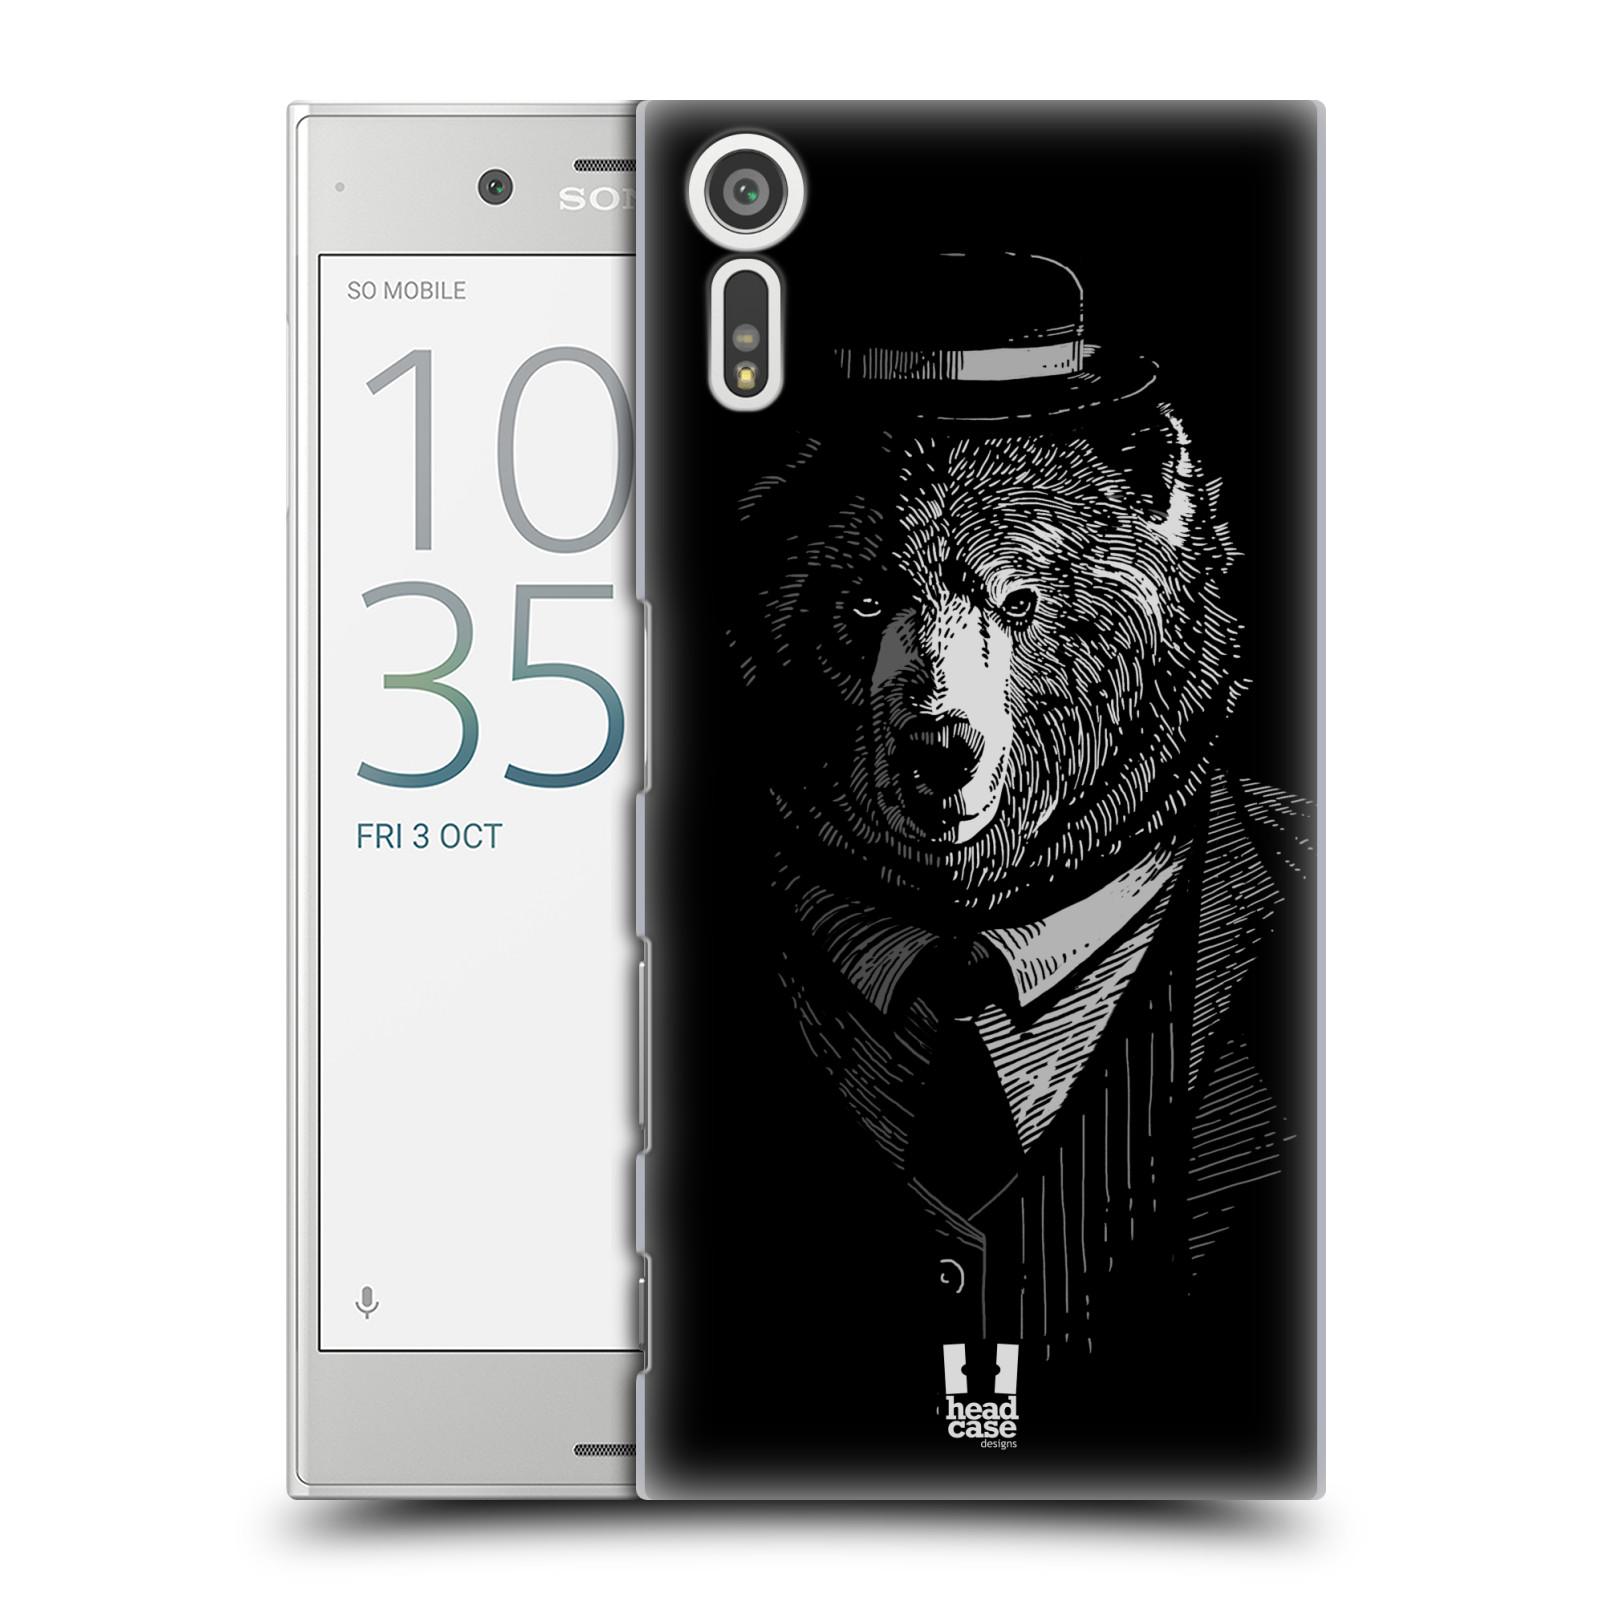 HEAD CASE plastový obal na mobil Sony Xperia XZ vzor Zvíře v obleku medvěd